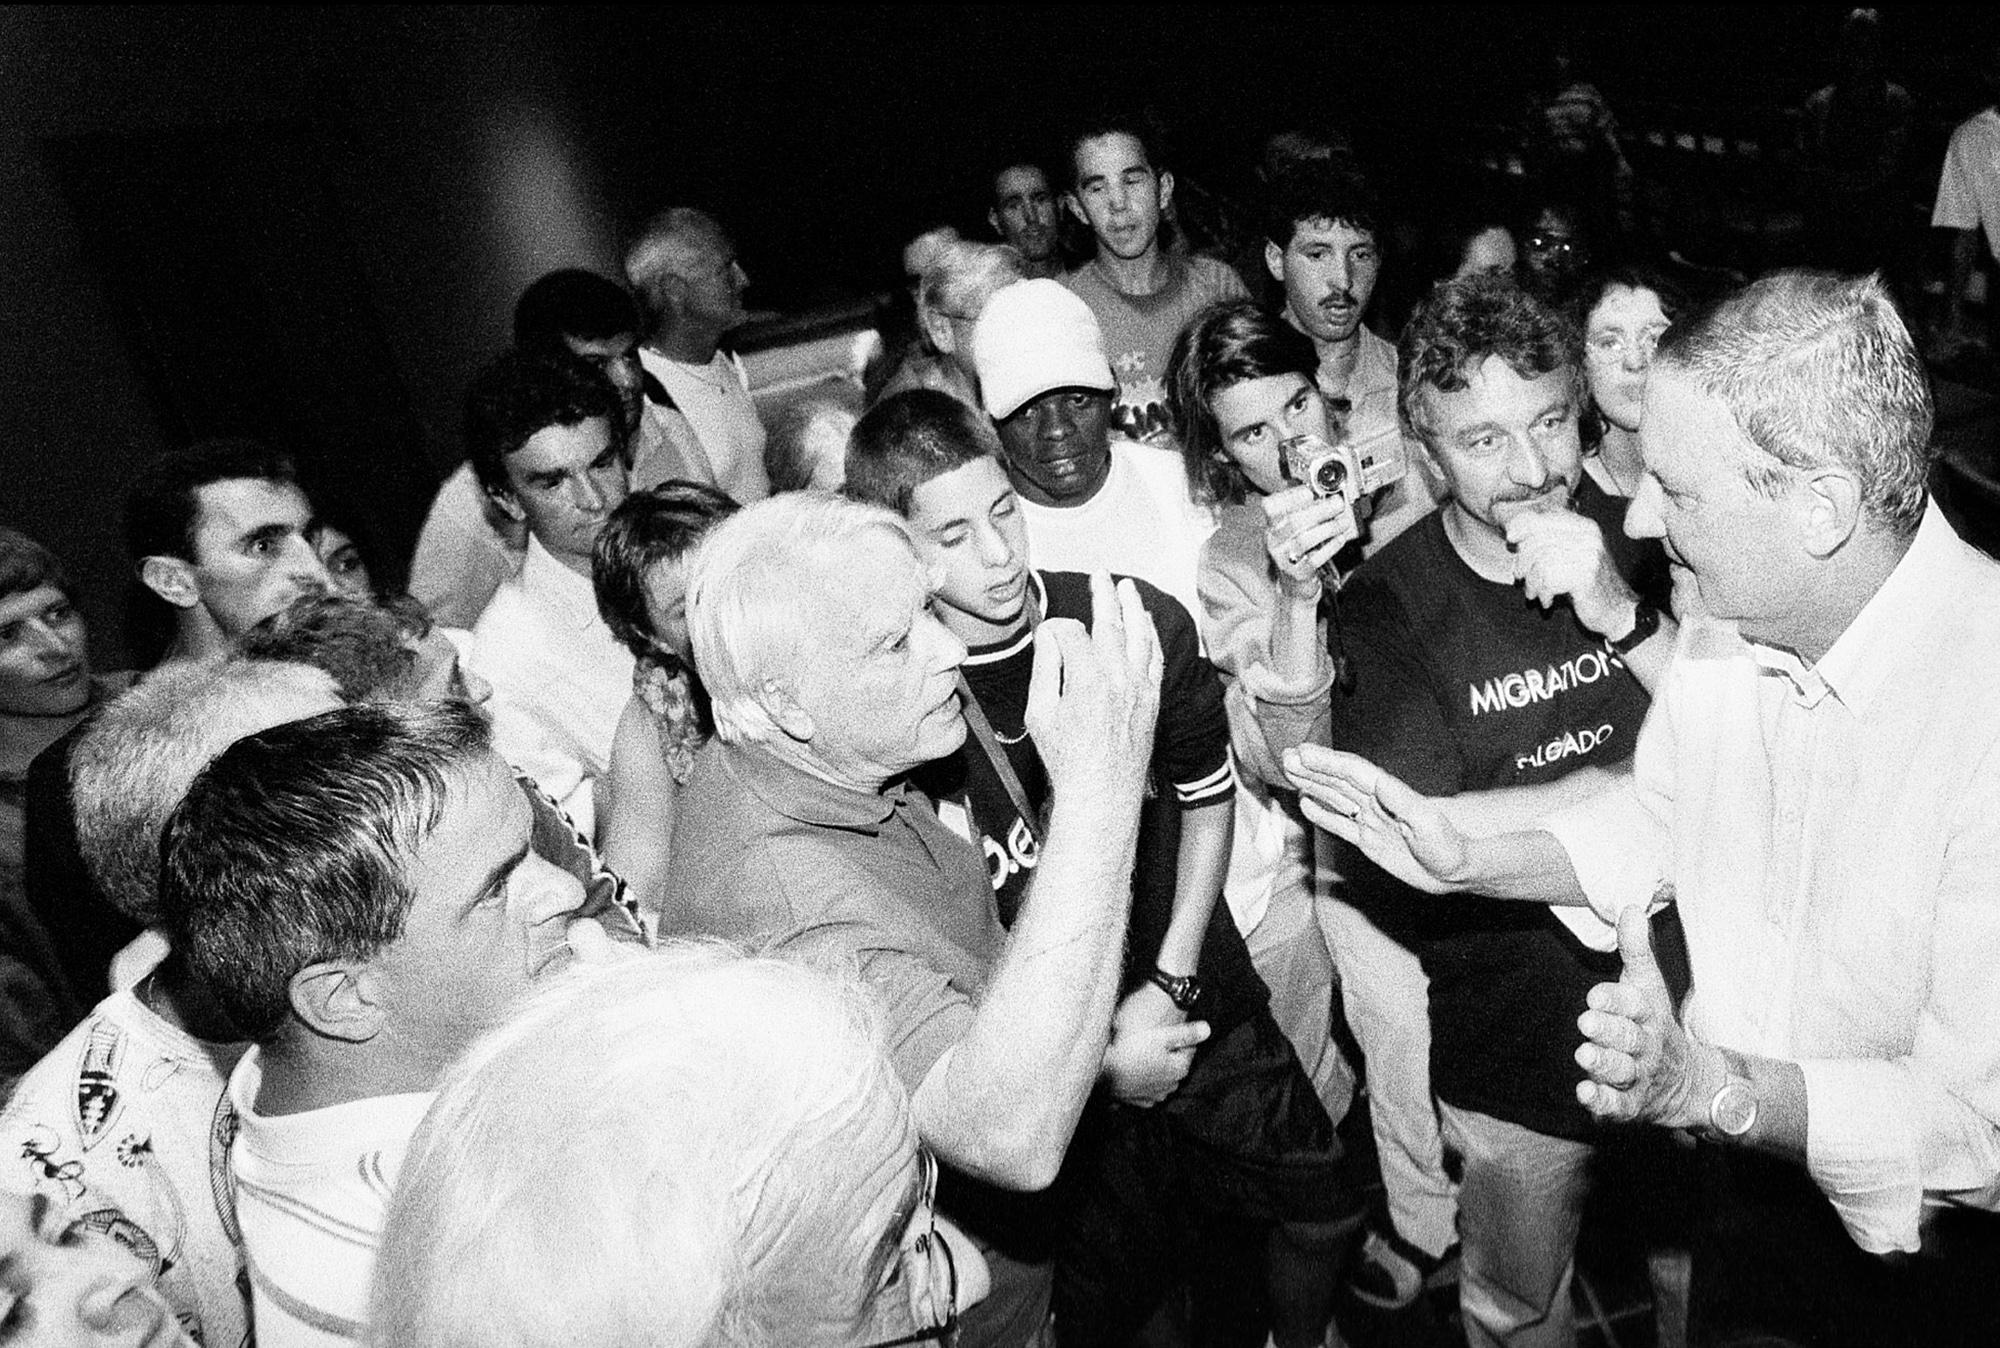 Le préfet Nicolas Deiss (à droite) a appris par le radio que les sans-papiers déménagaient dans l'église (à la veille de l'ultimatum qu'il avait fixé au sans-papiers pour quitter les lieux). Il vient constater le fait en personne accompagné de quelques policiers.Fribourg, le 19 août 2001.